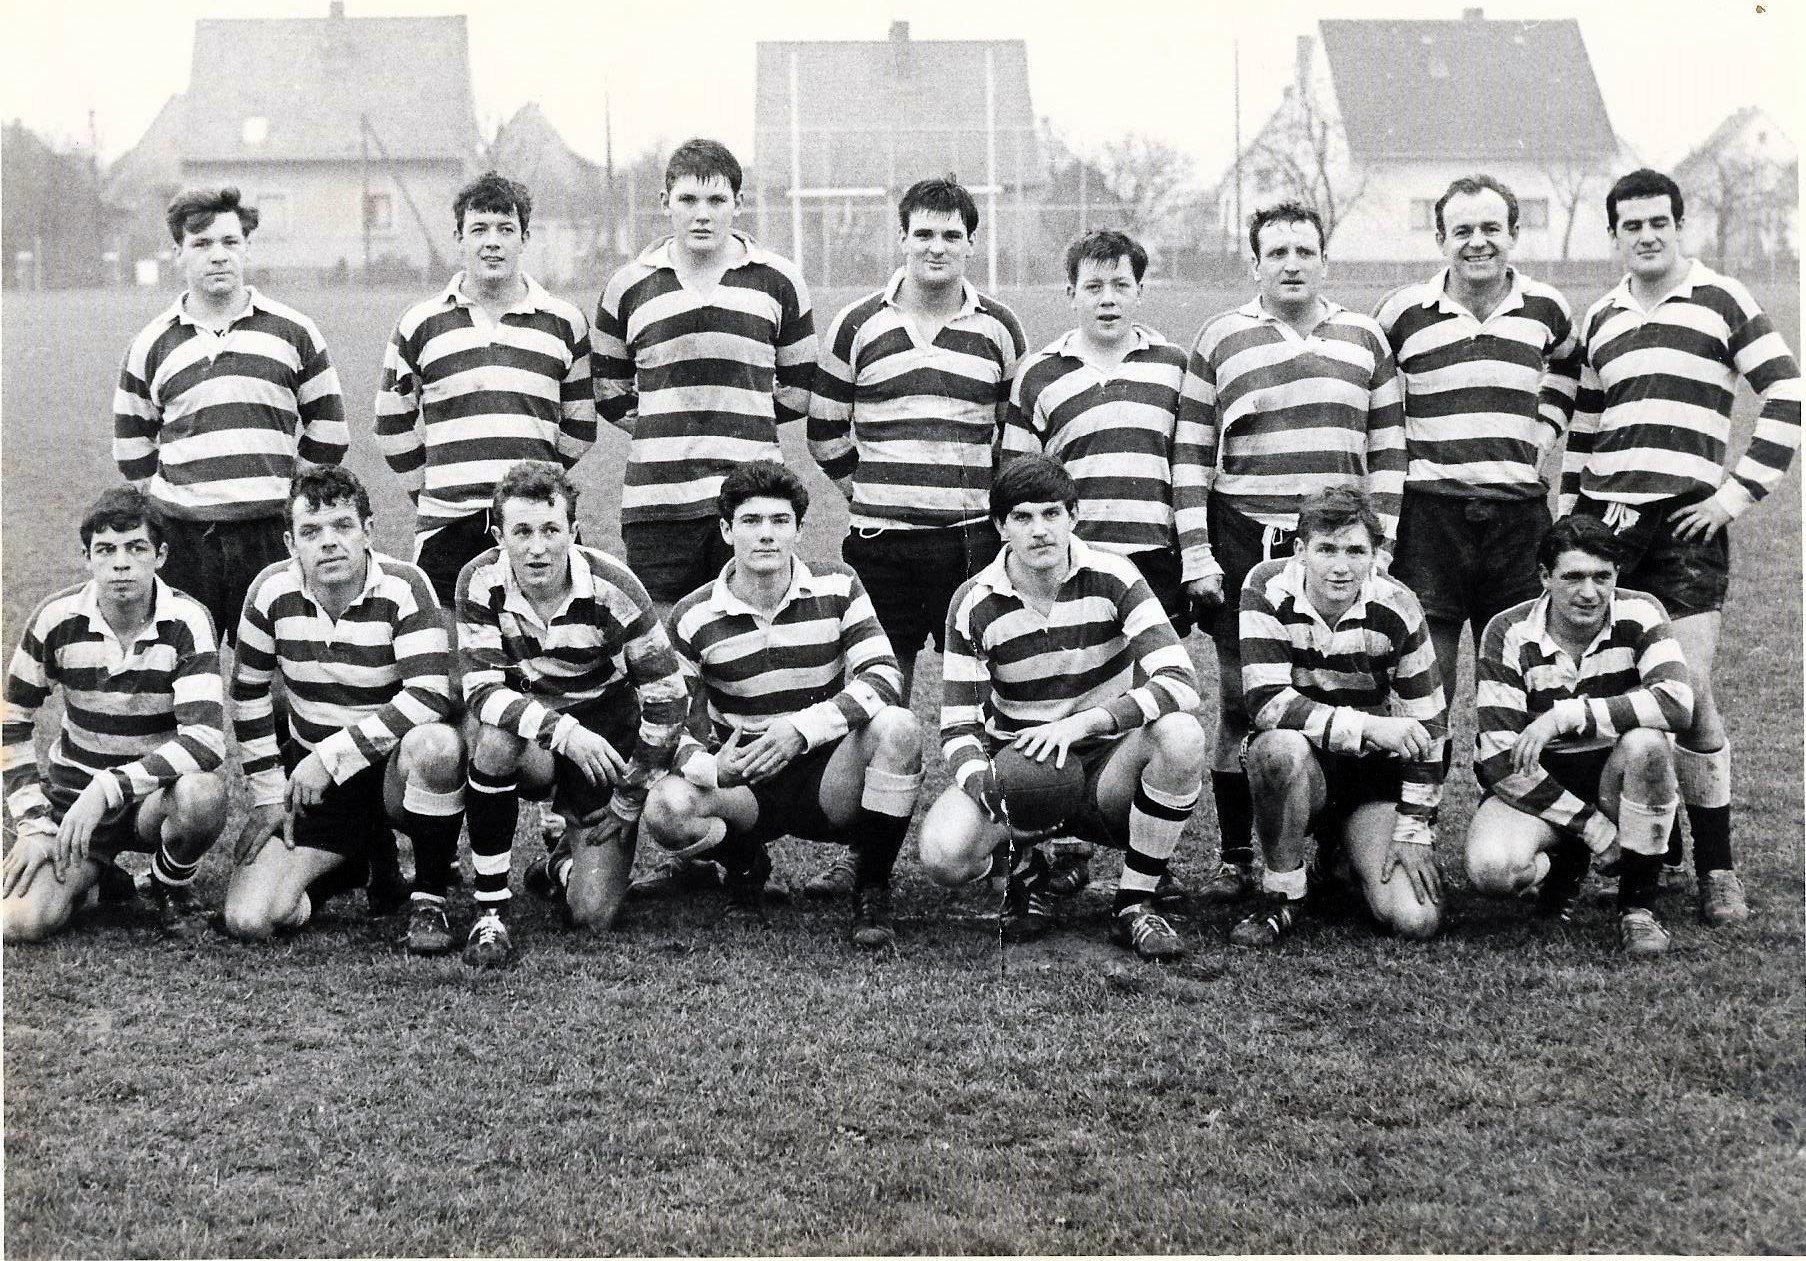 08 - B Coy rugby Minden 1971